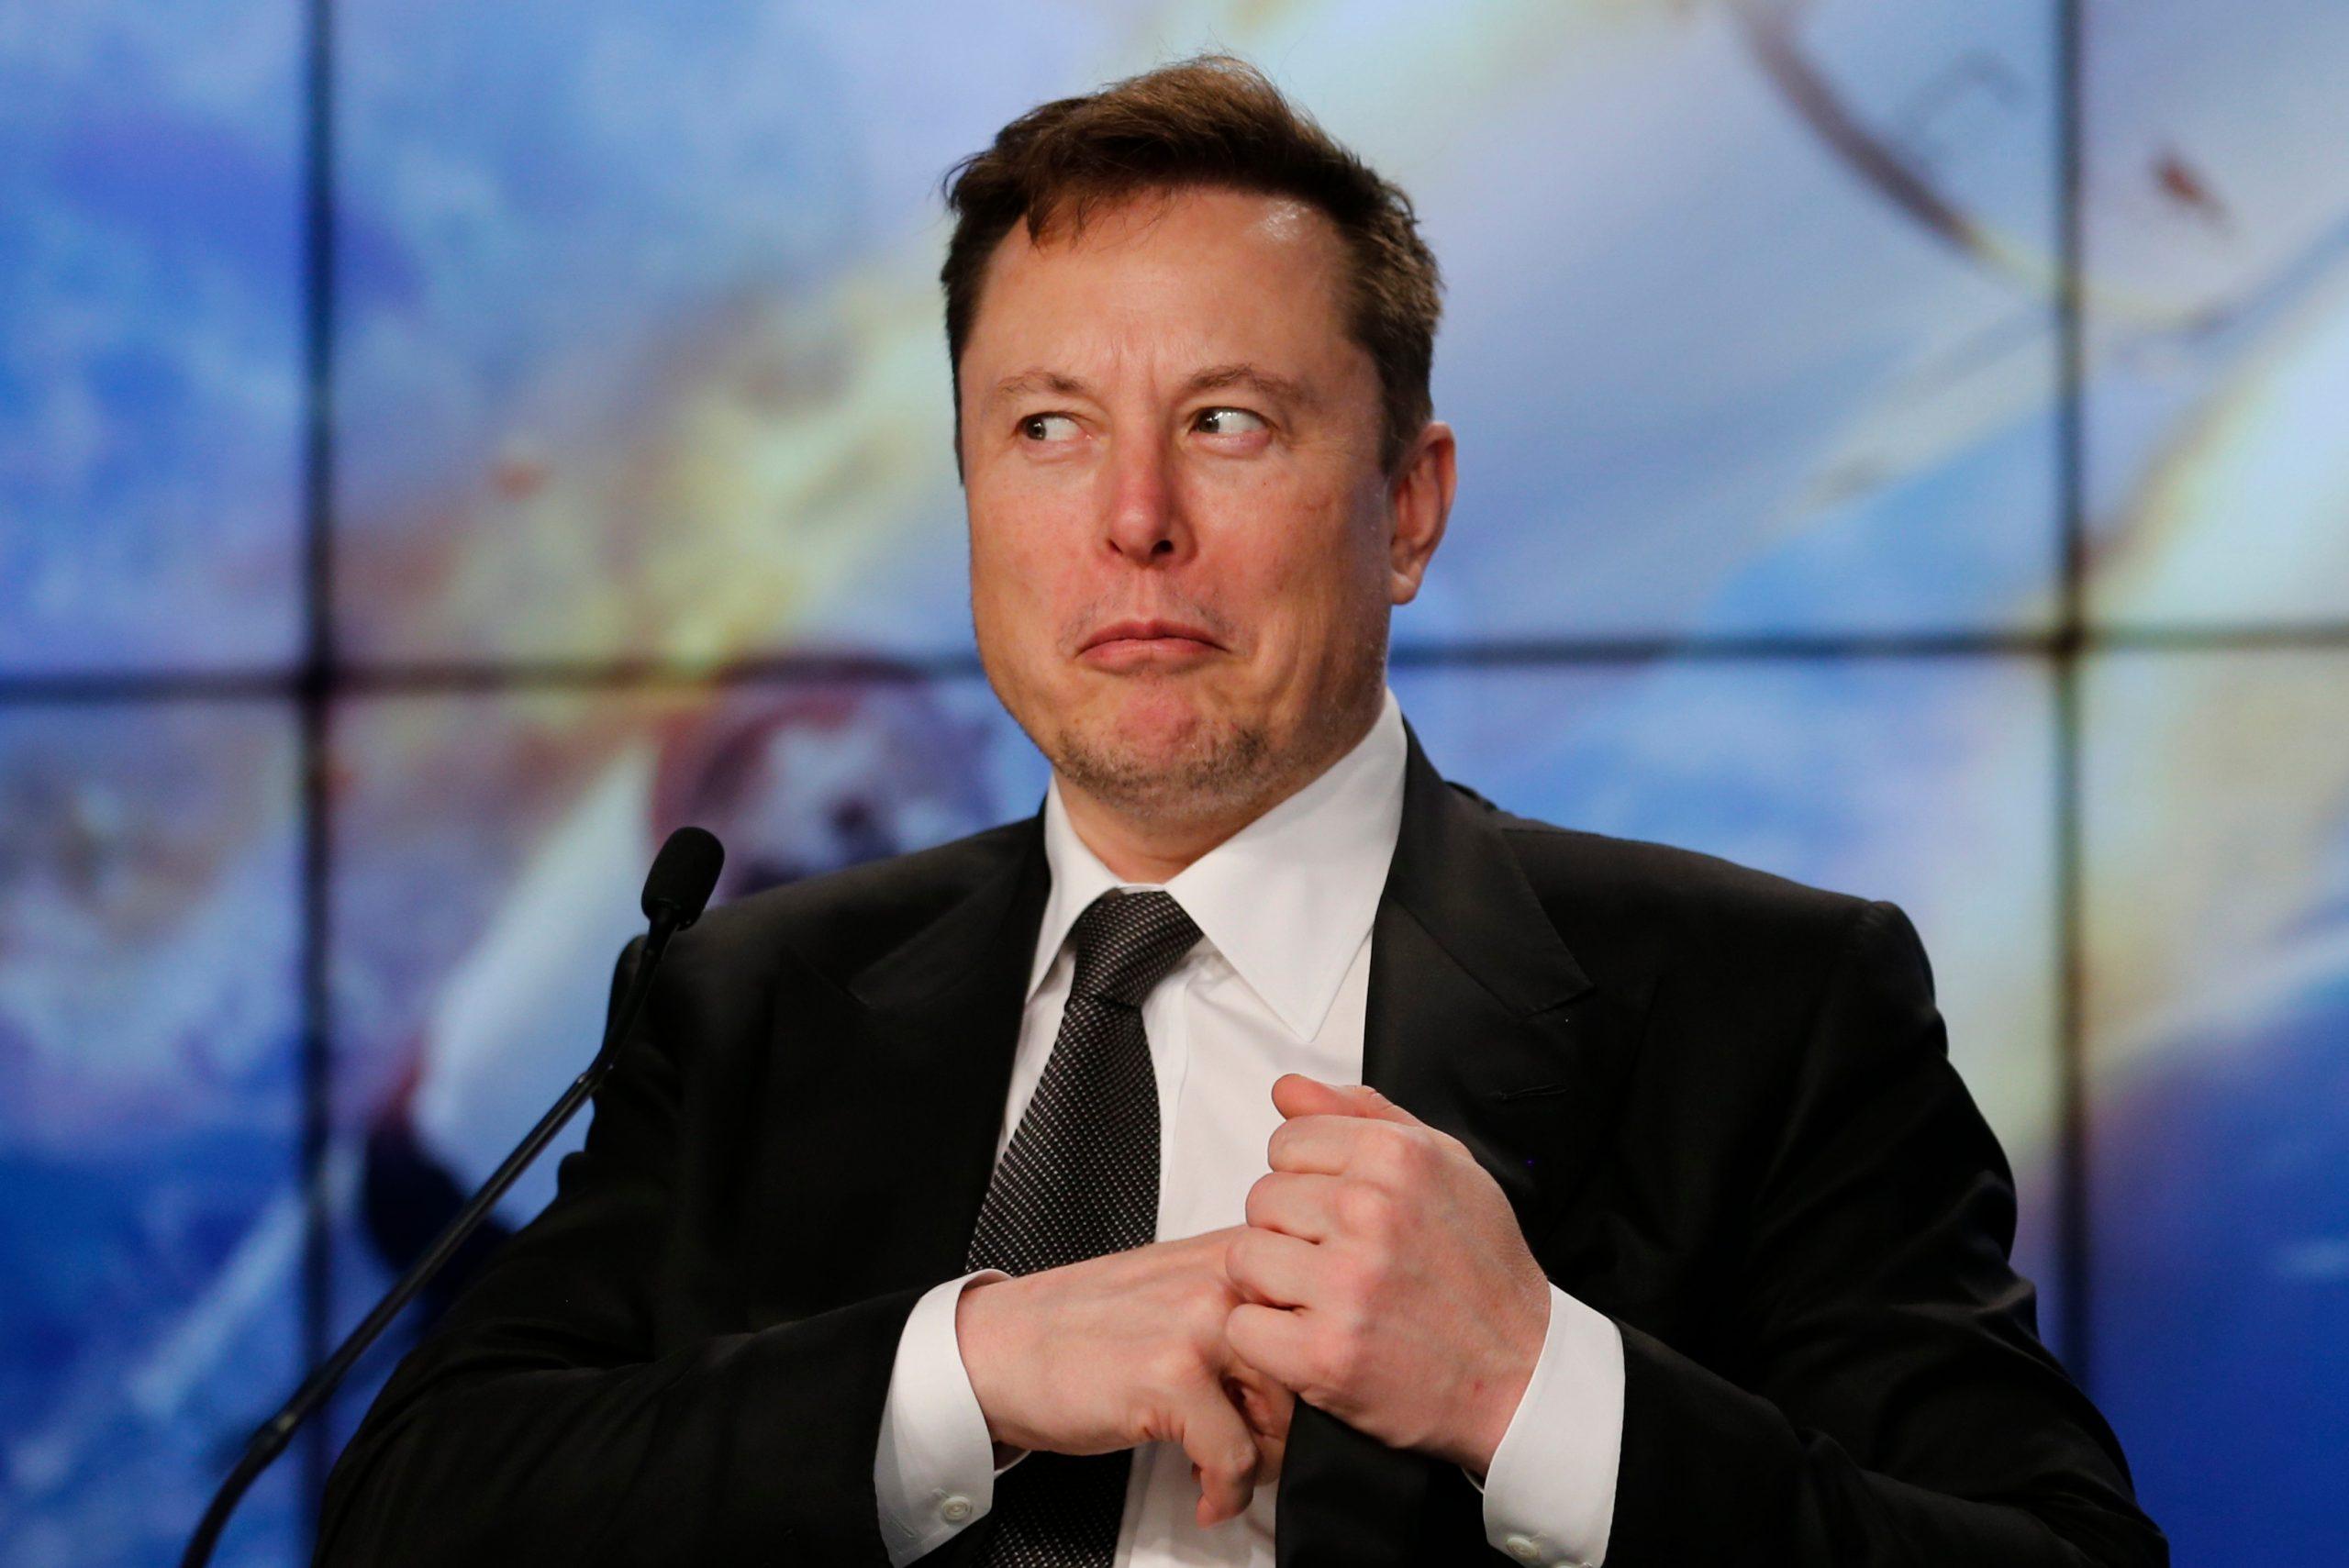 Elon Musk-en aholkuak: Facebook ezabatu, ahula da